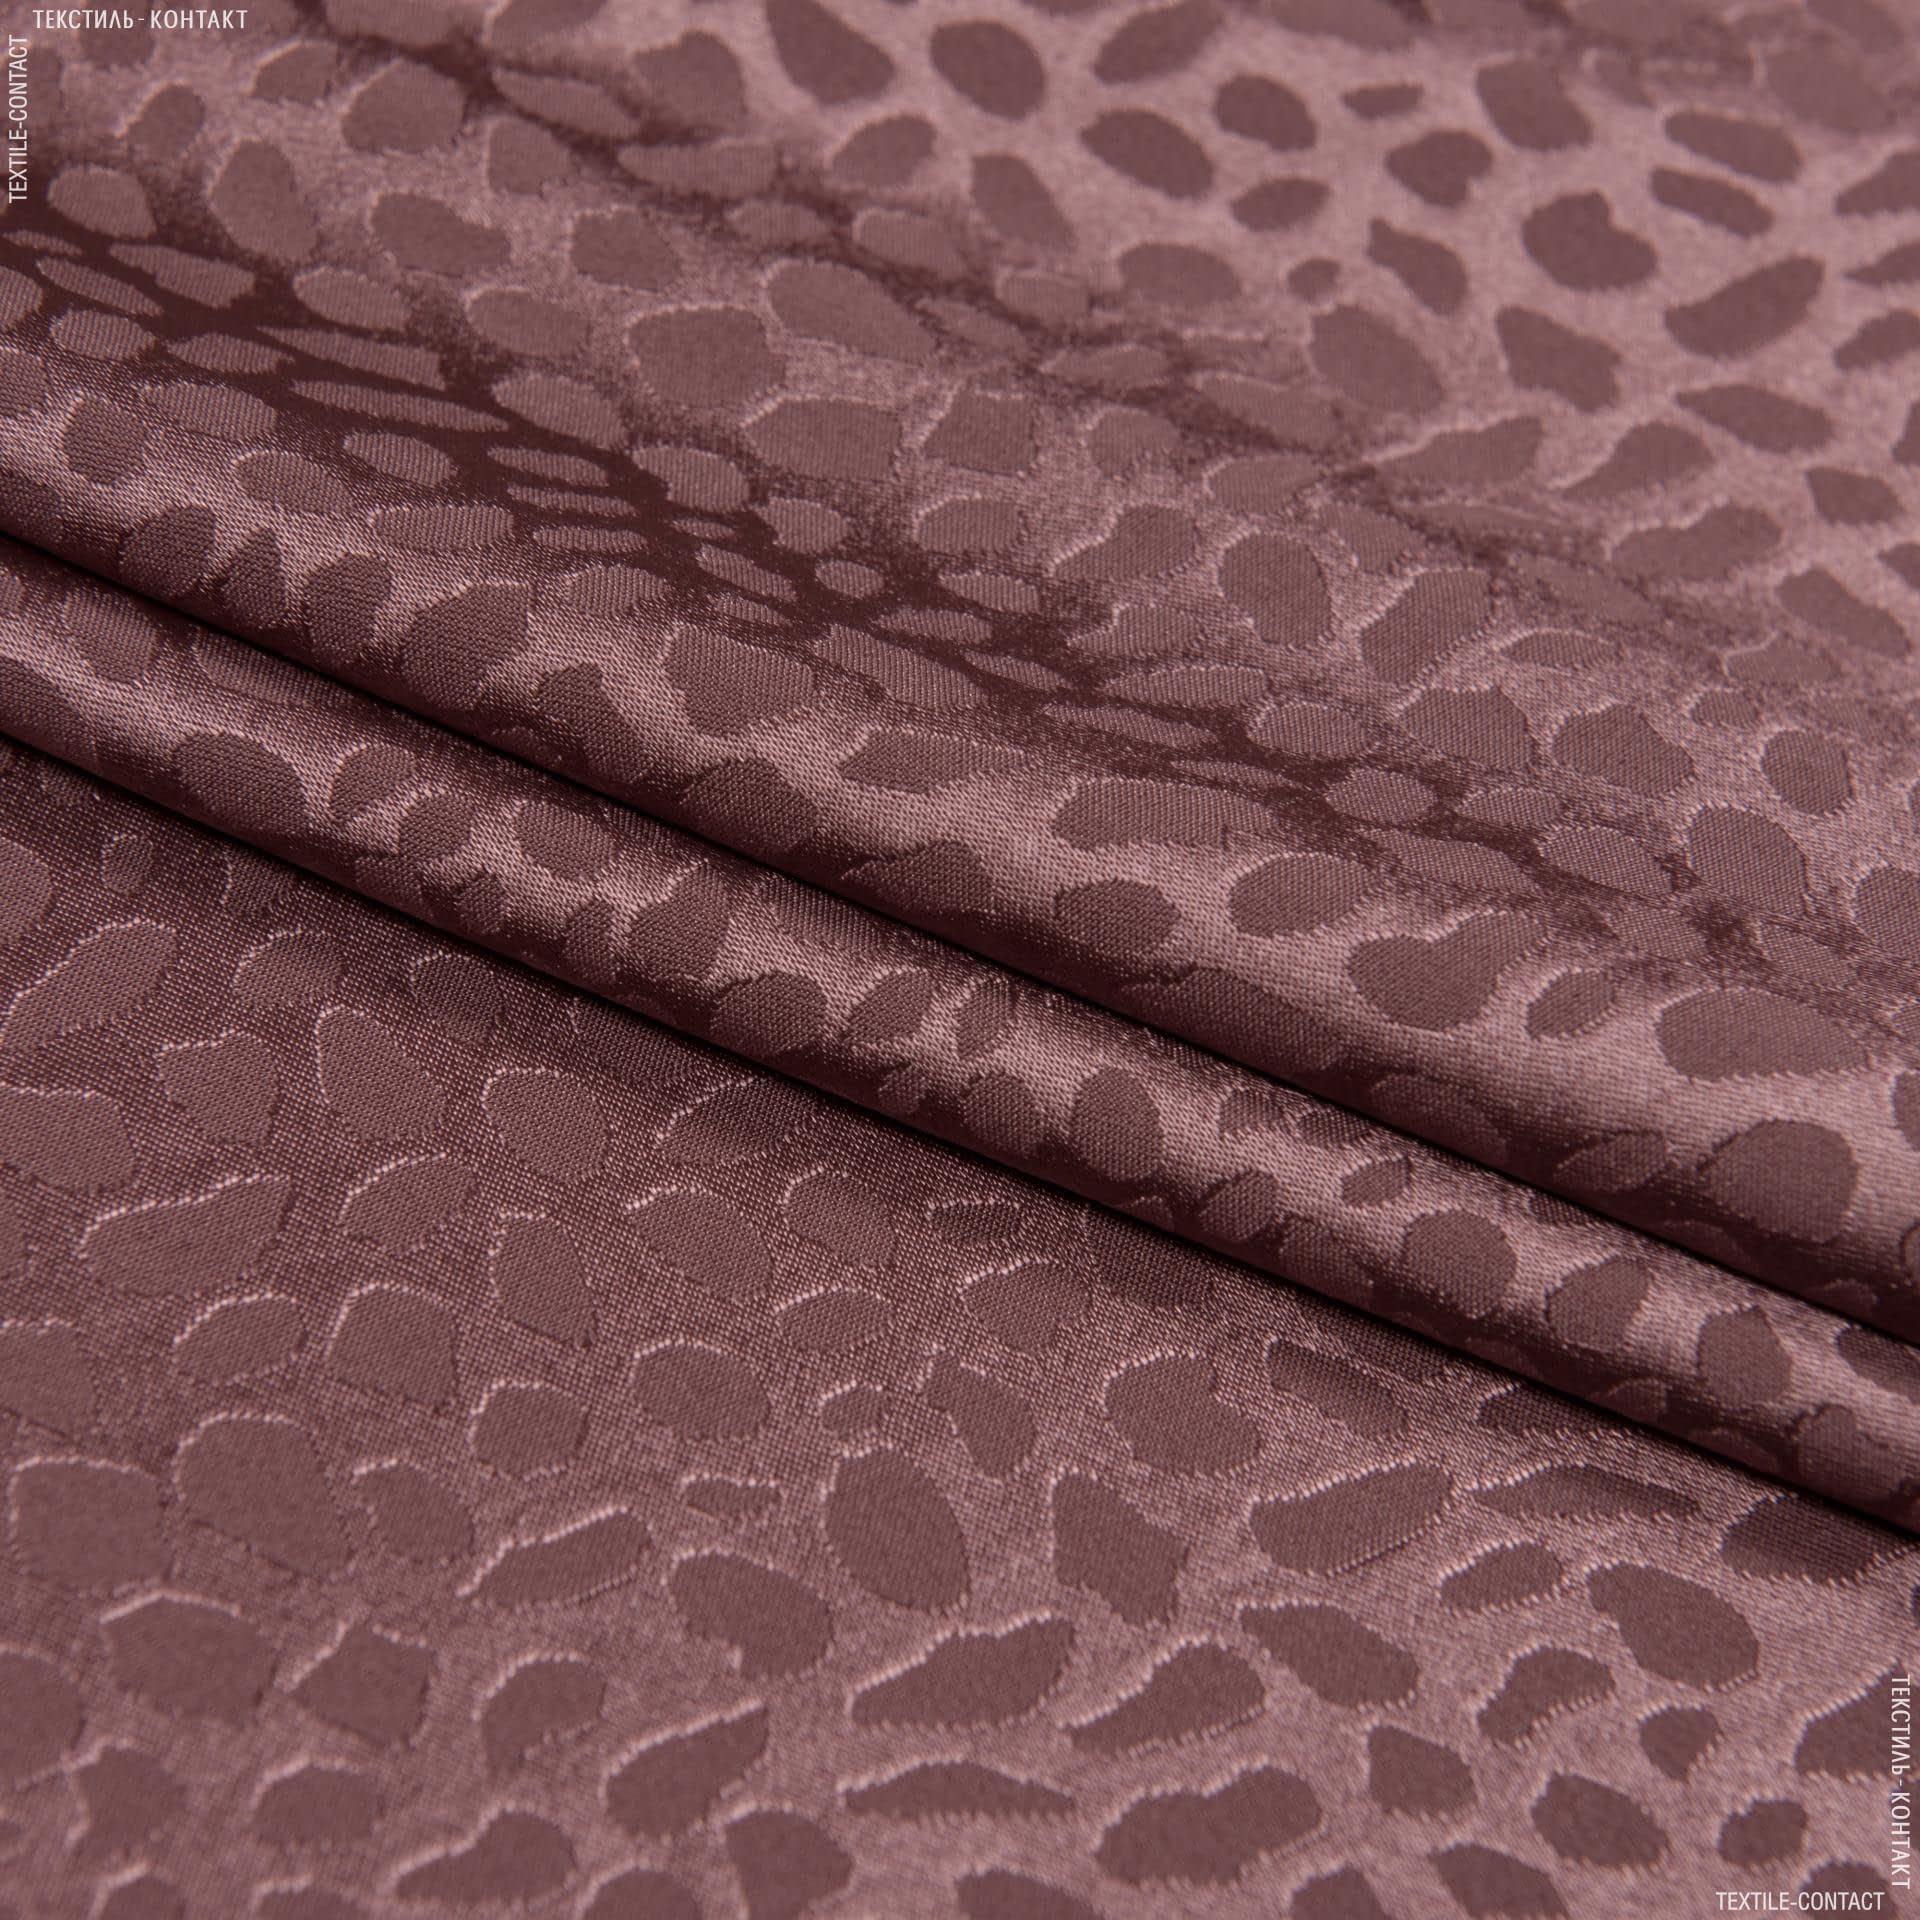 Тканини для суконь - Атлас лайт стрейч жакард темно-фрезовий